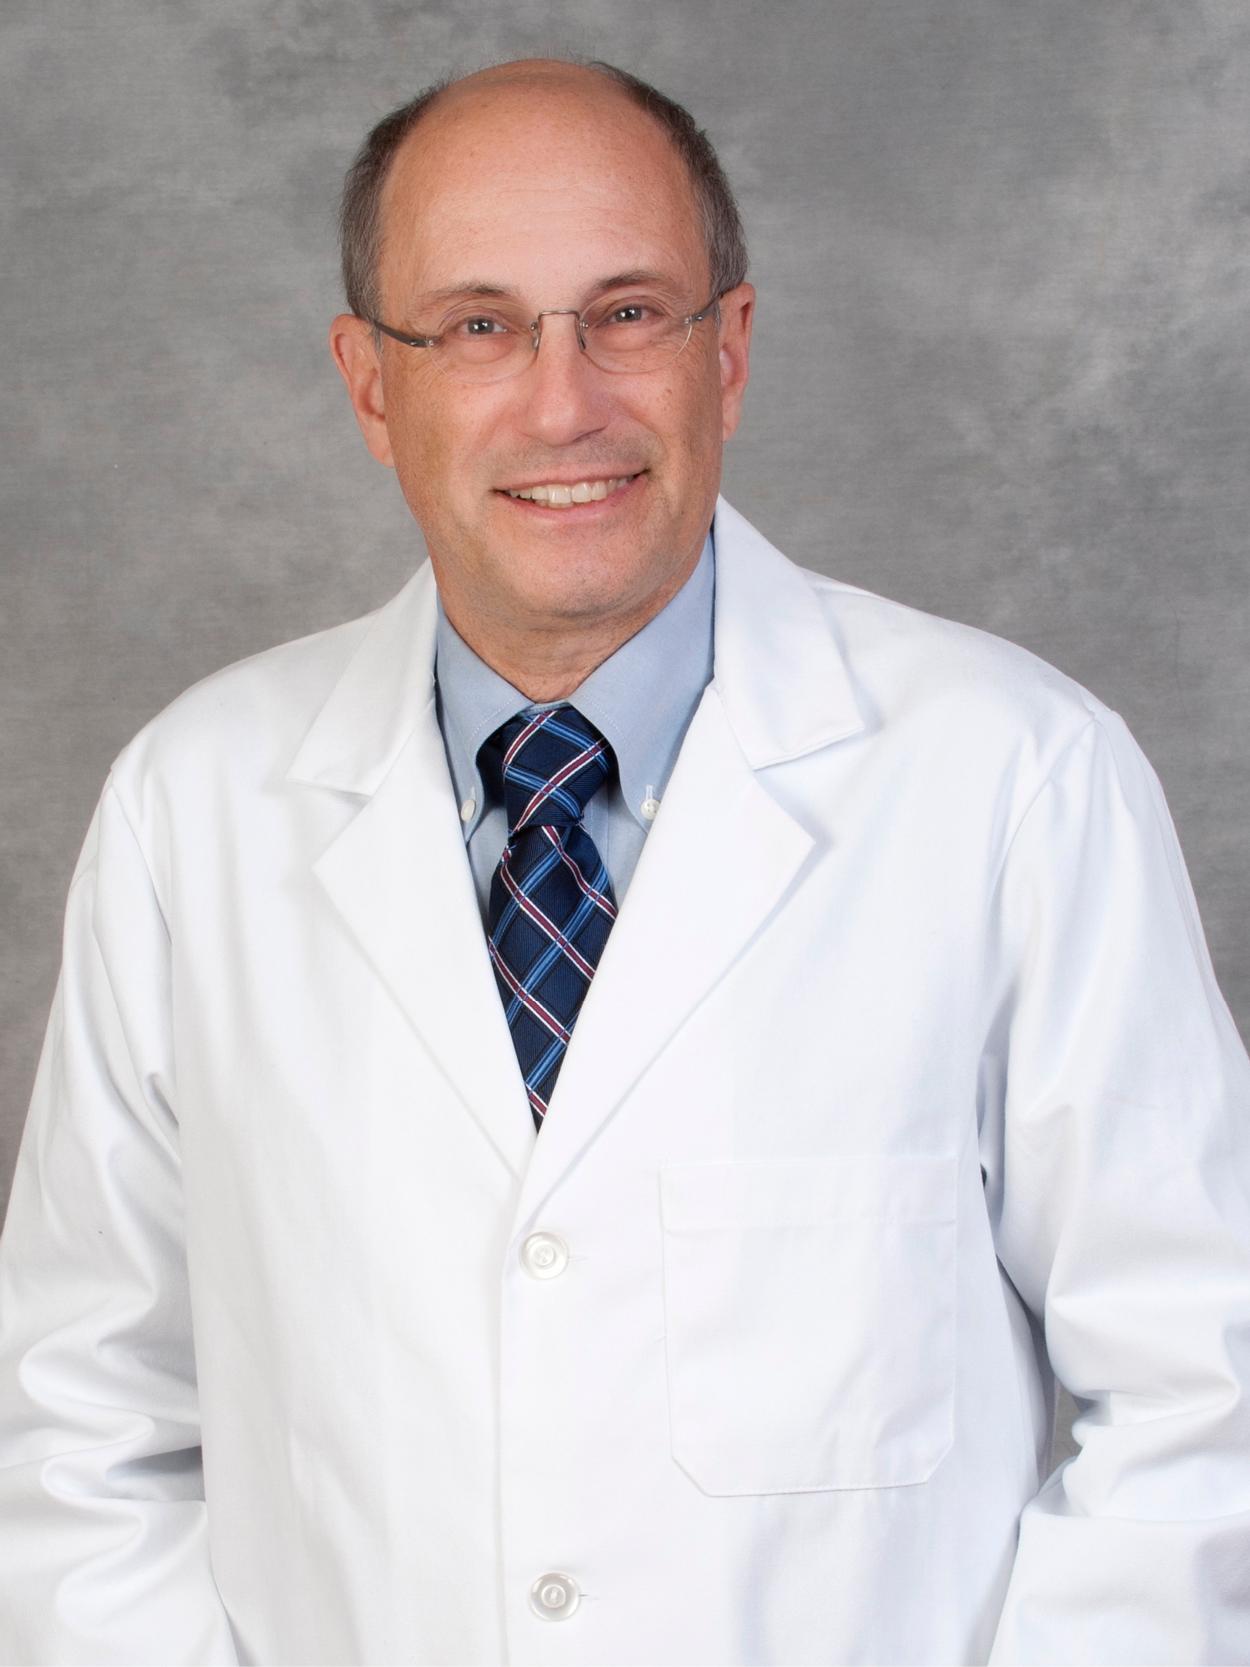 Howard Horne, MD